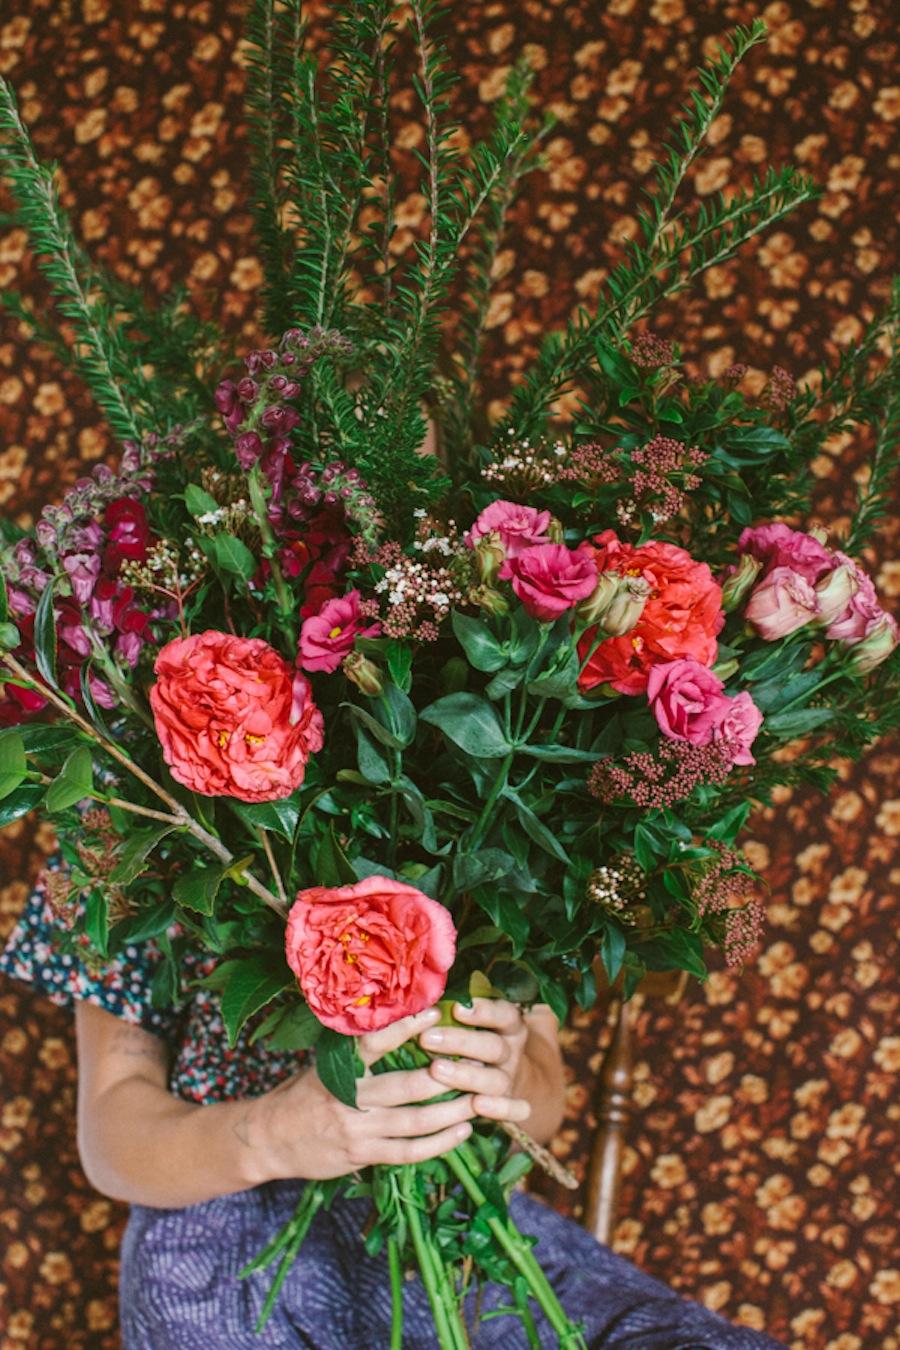 FloralShoot_FrankieMag_IMG_0001.jpg